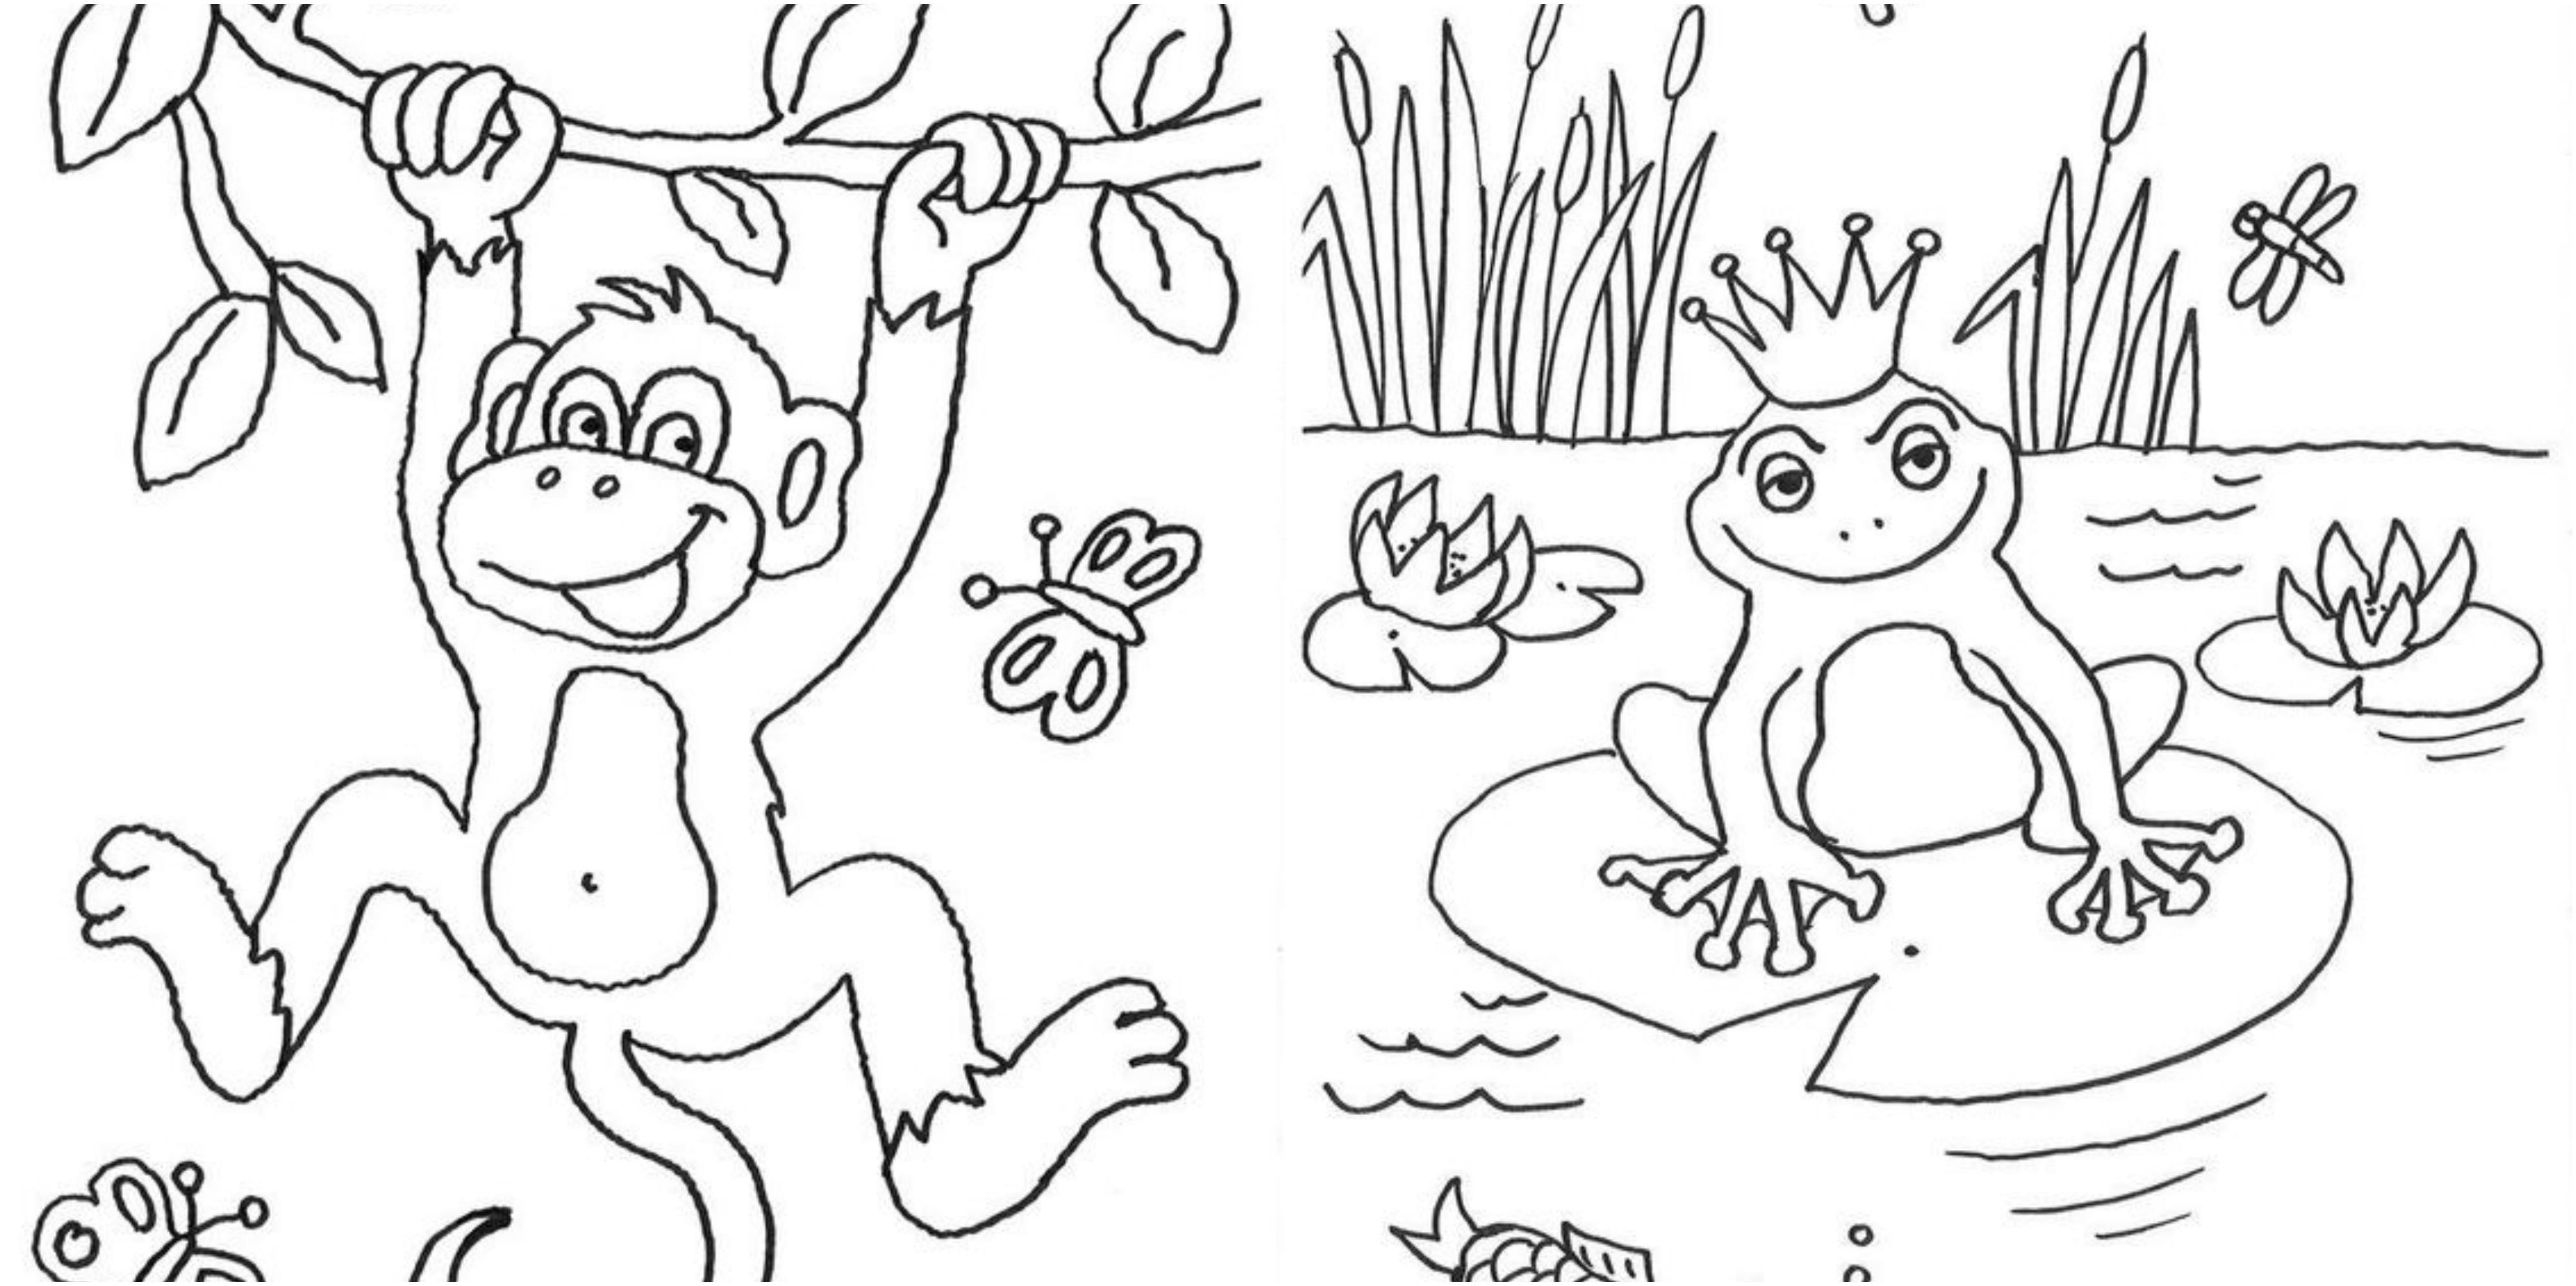 ausmalbilder tiere 10 malvorlagen zum ausdrucken